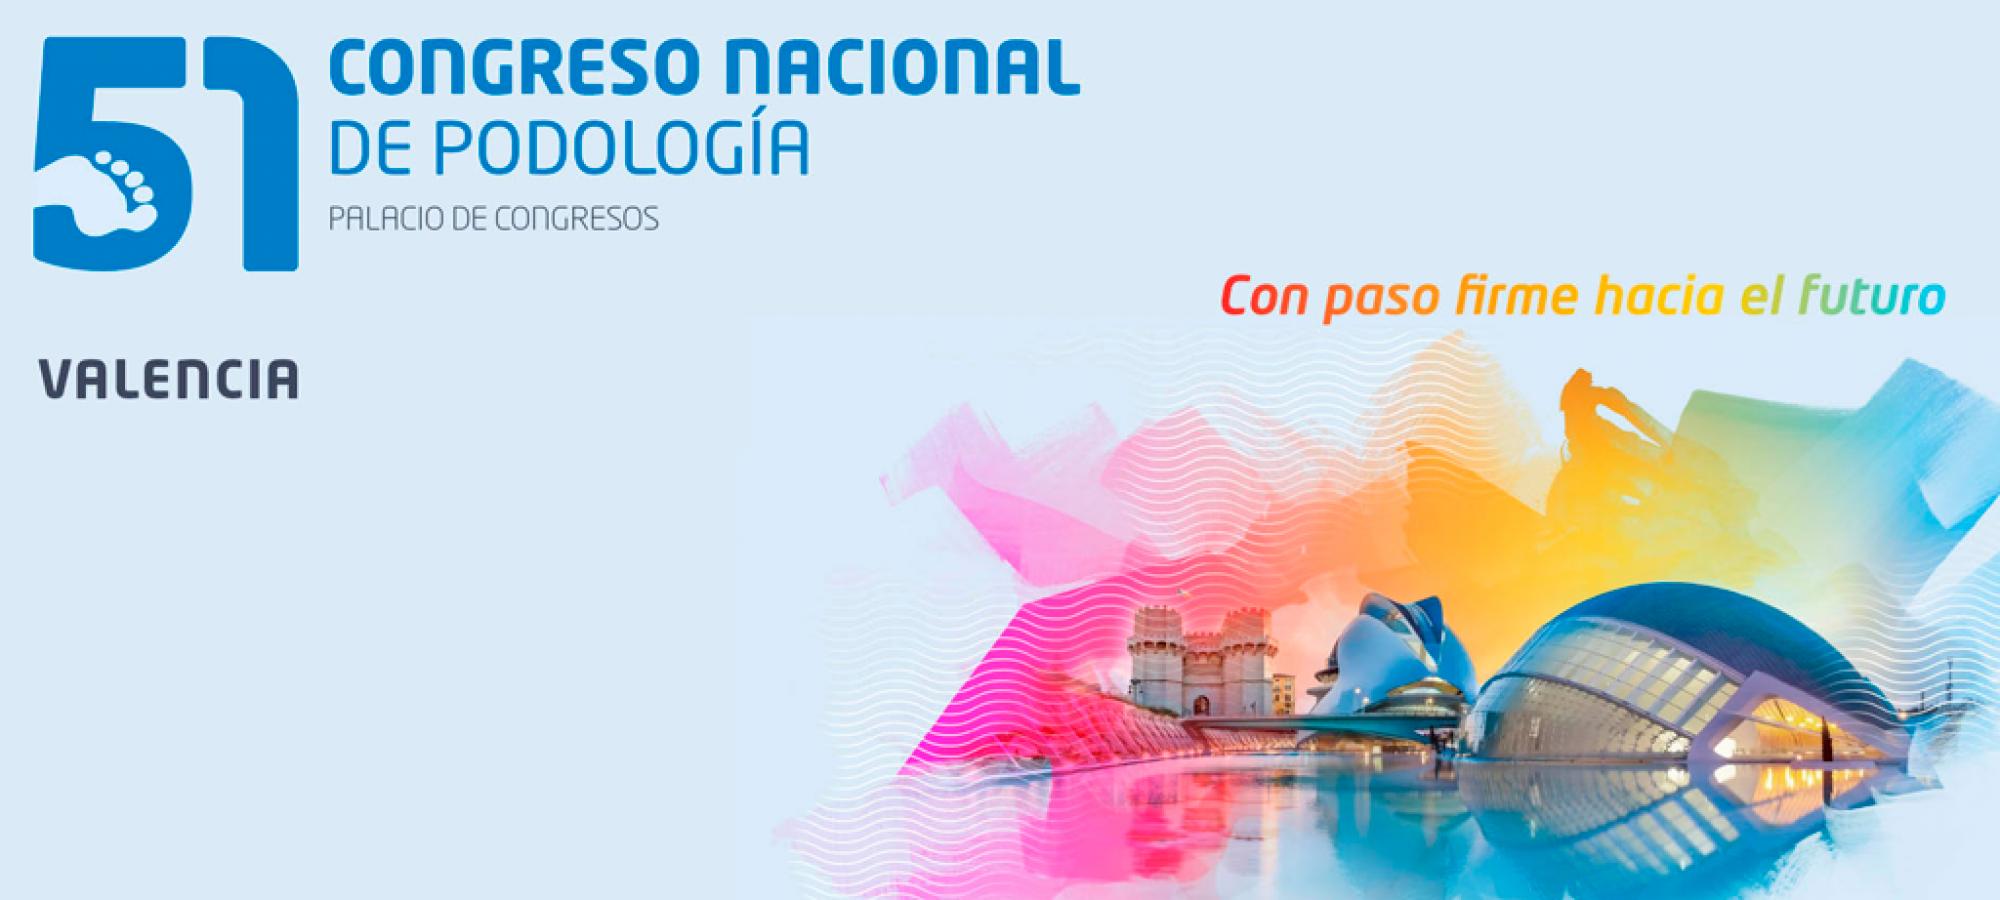 congreso-podologia-2021